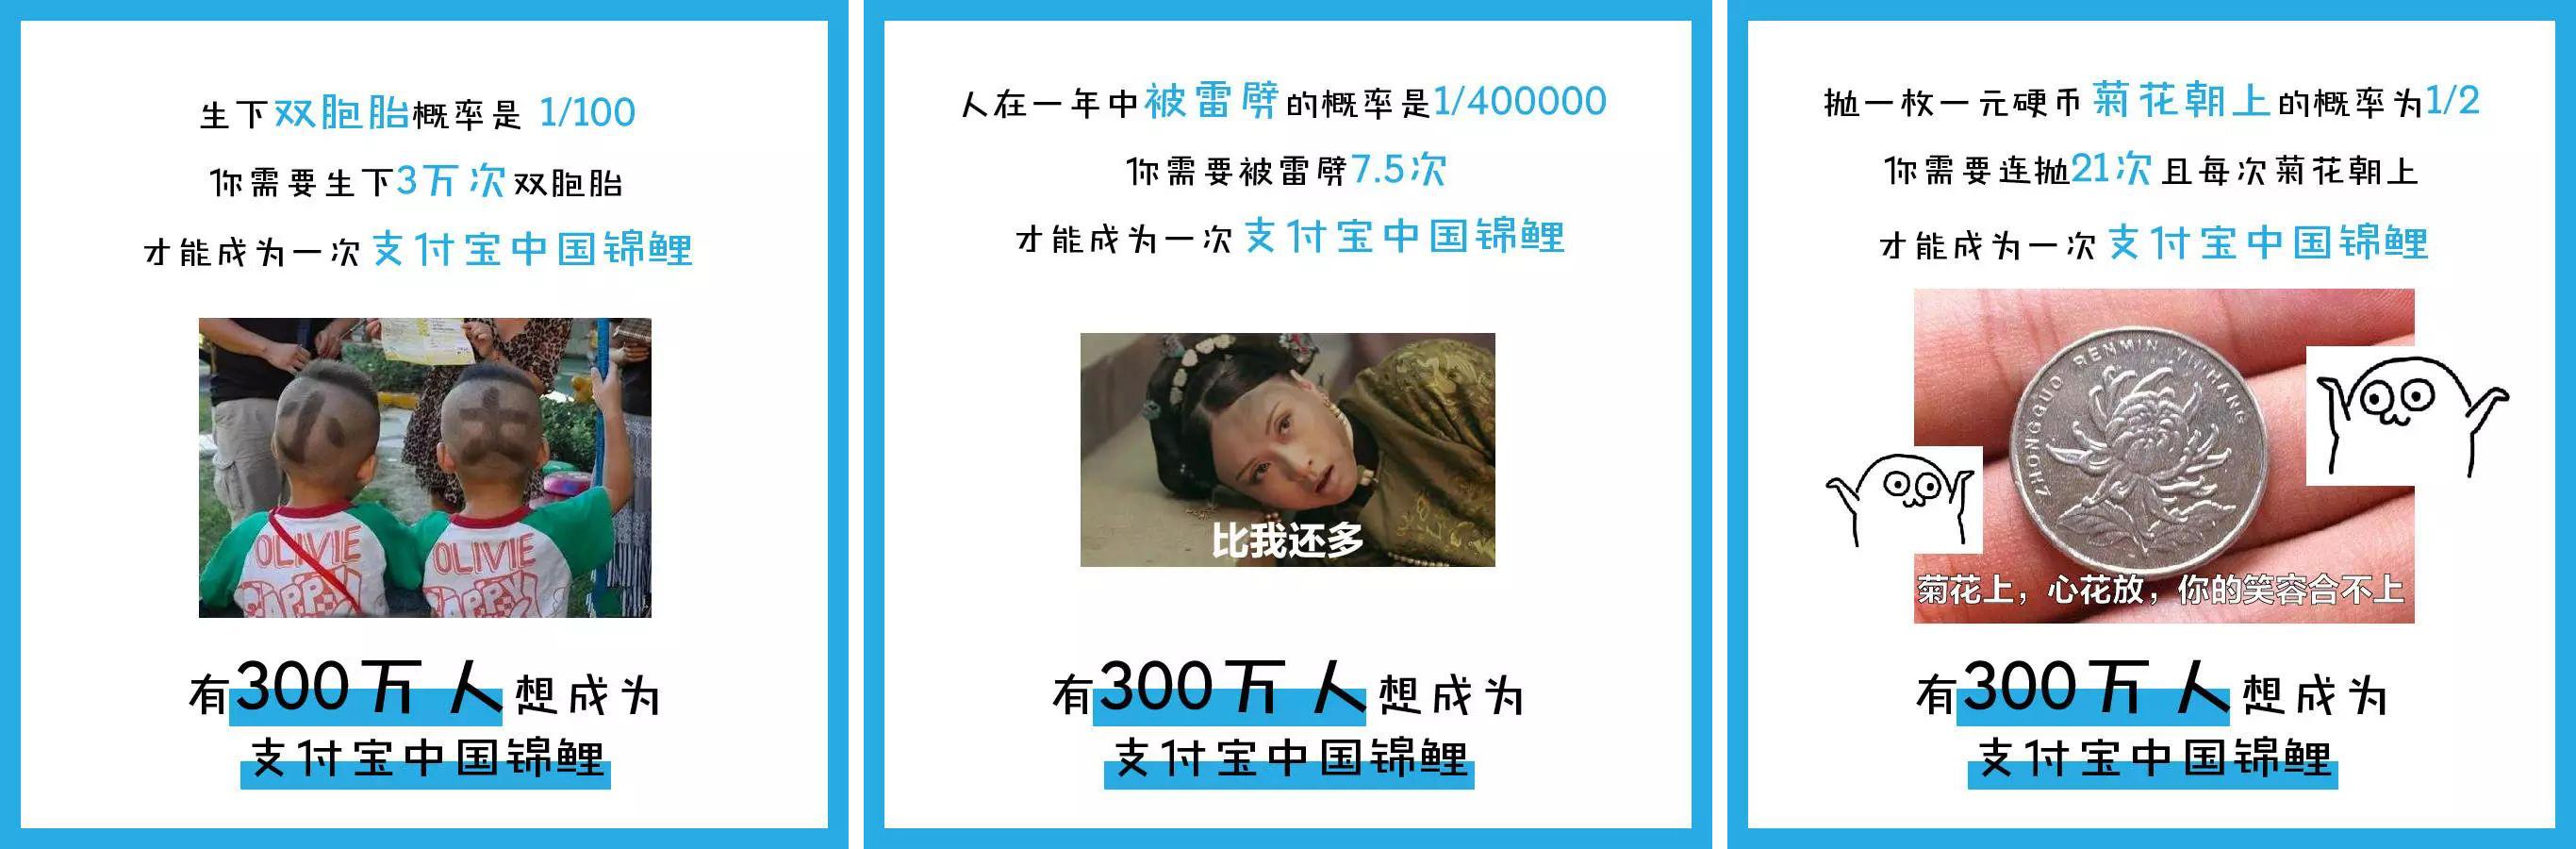 201810151348282119.jpg